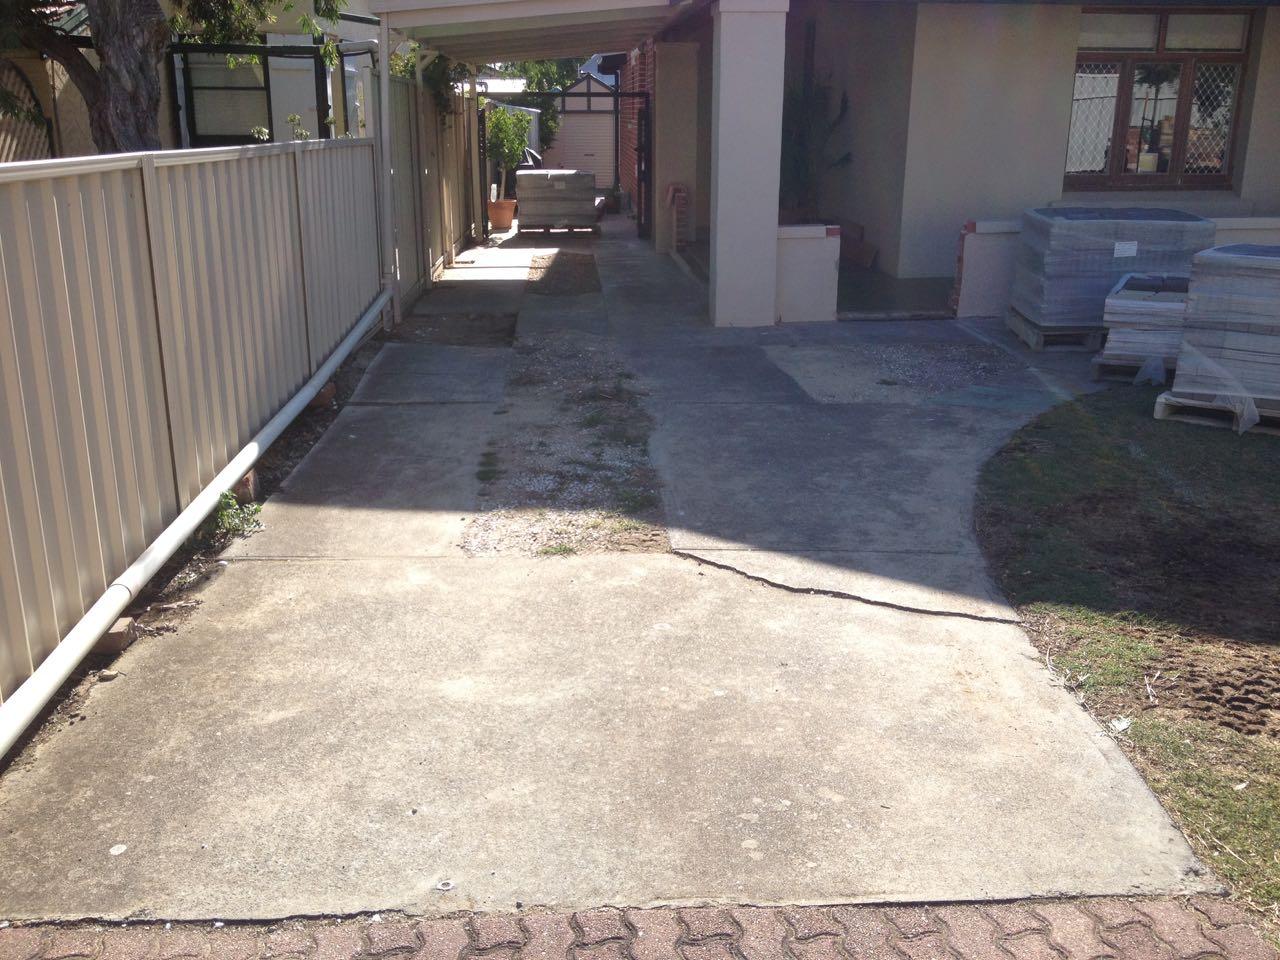 Glenelg - Laying Down Concrete Driveway At Entrance